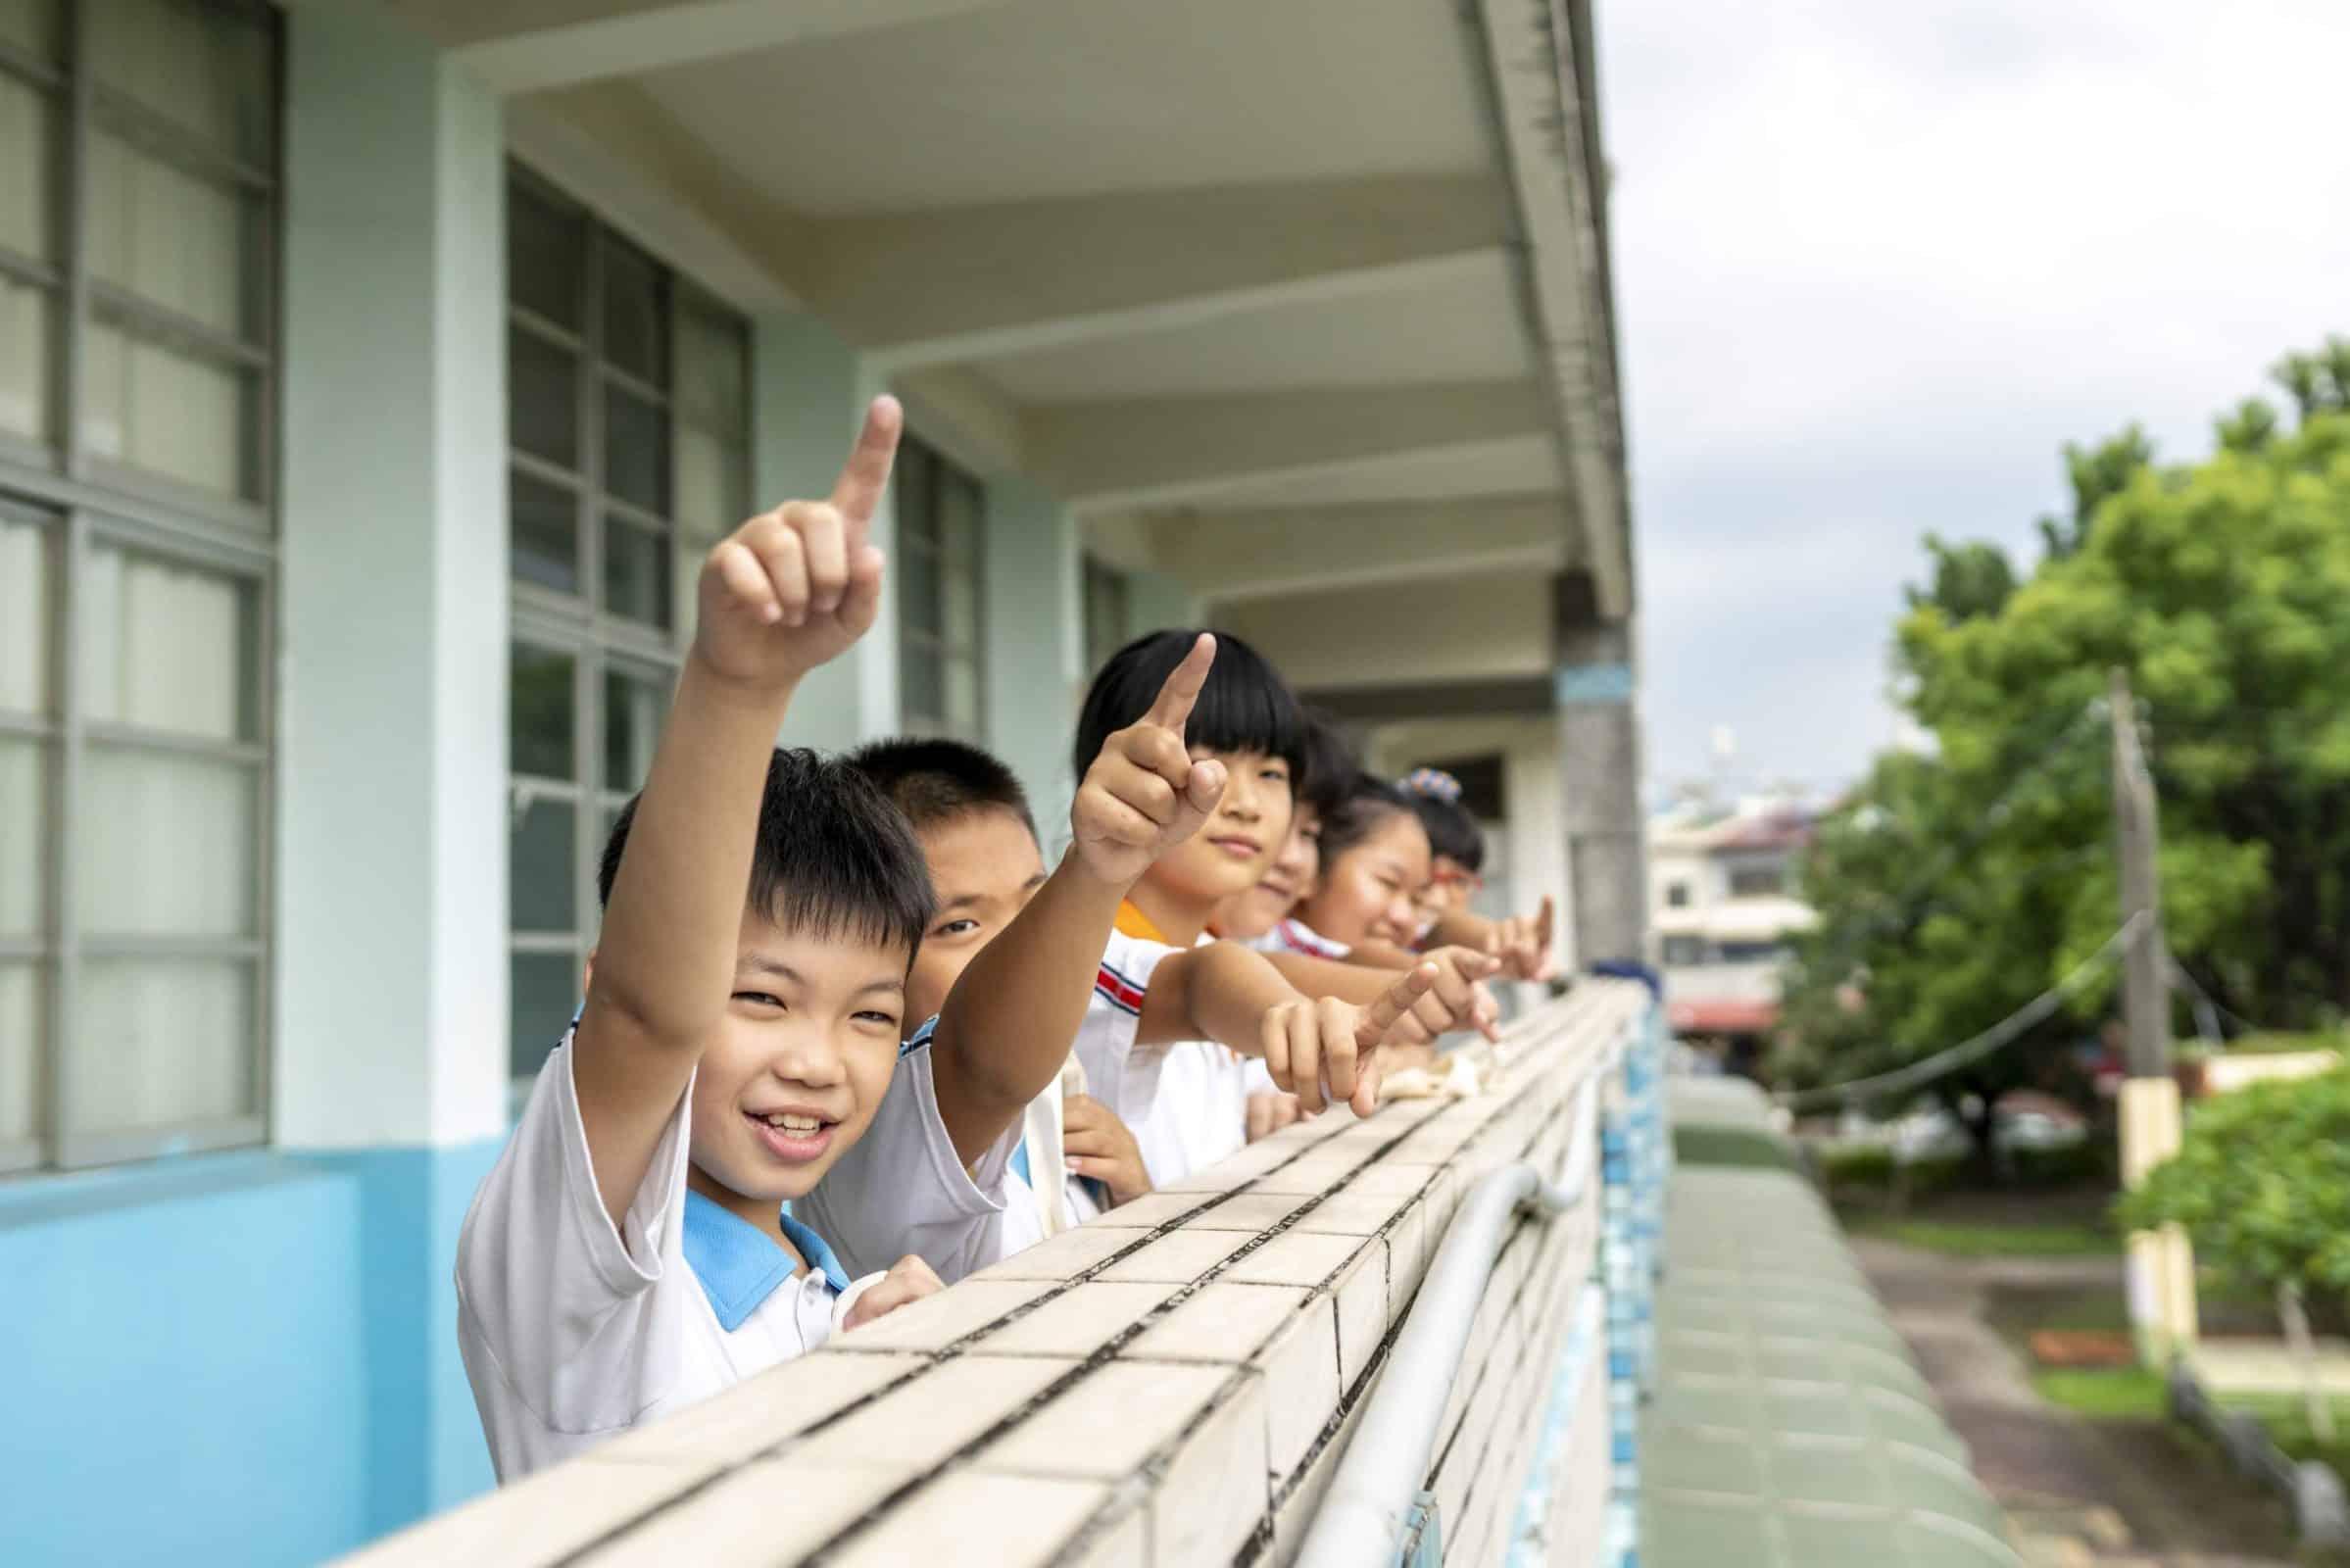 圖為一群可愛的孩子們,手一同比向遠方。 象徵著透過均一,可以點亮孩子們的學習動機,帶領他們在學習這條路上走得更遠、更穩。